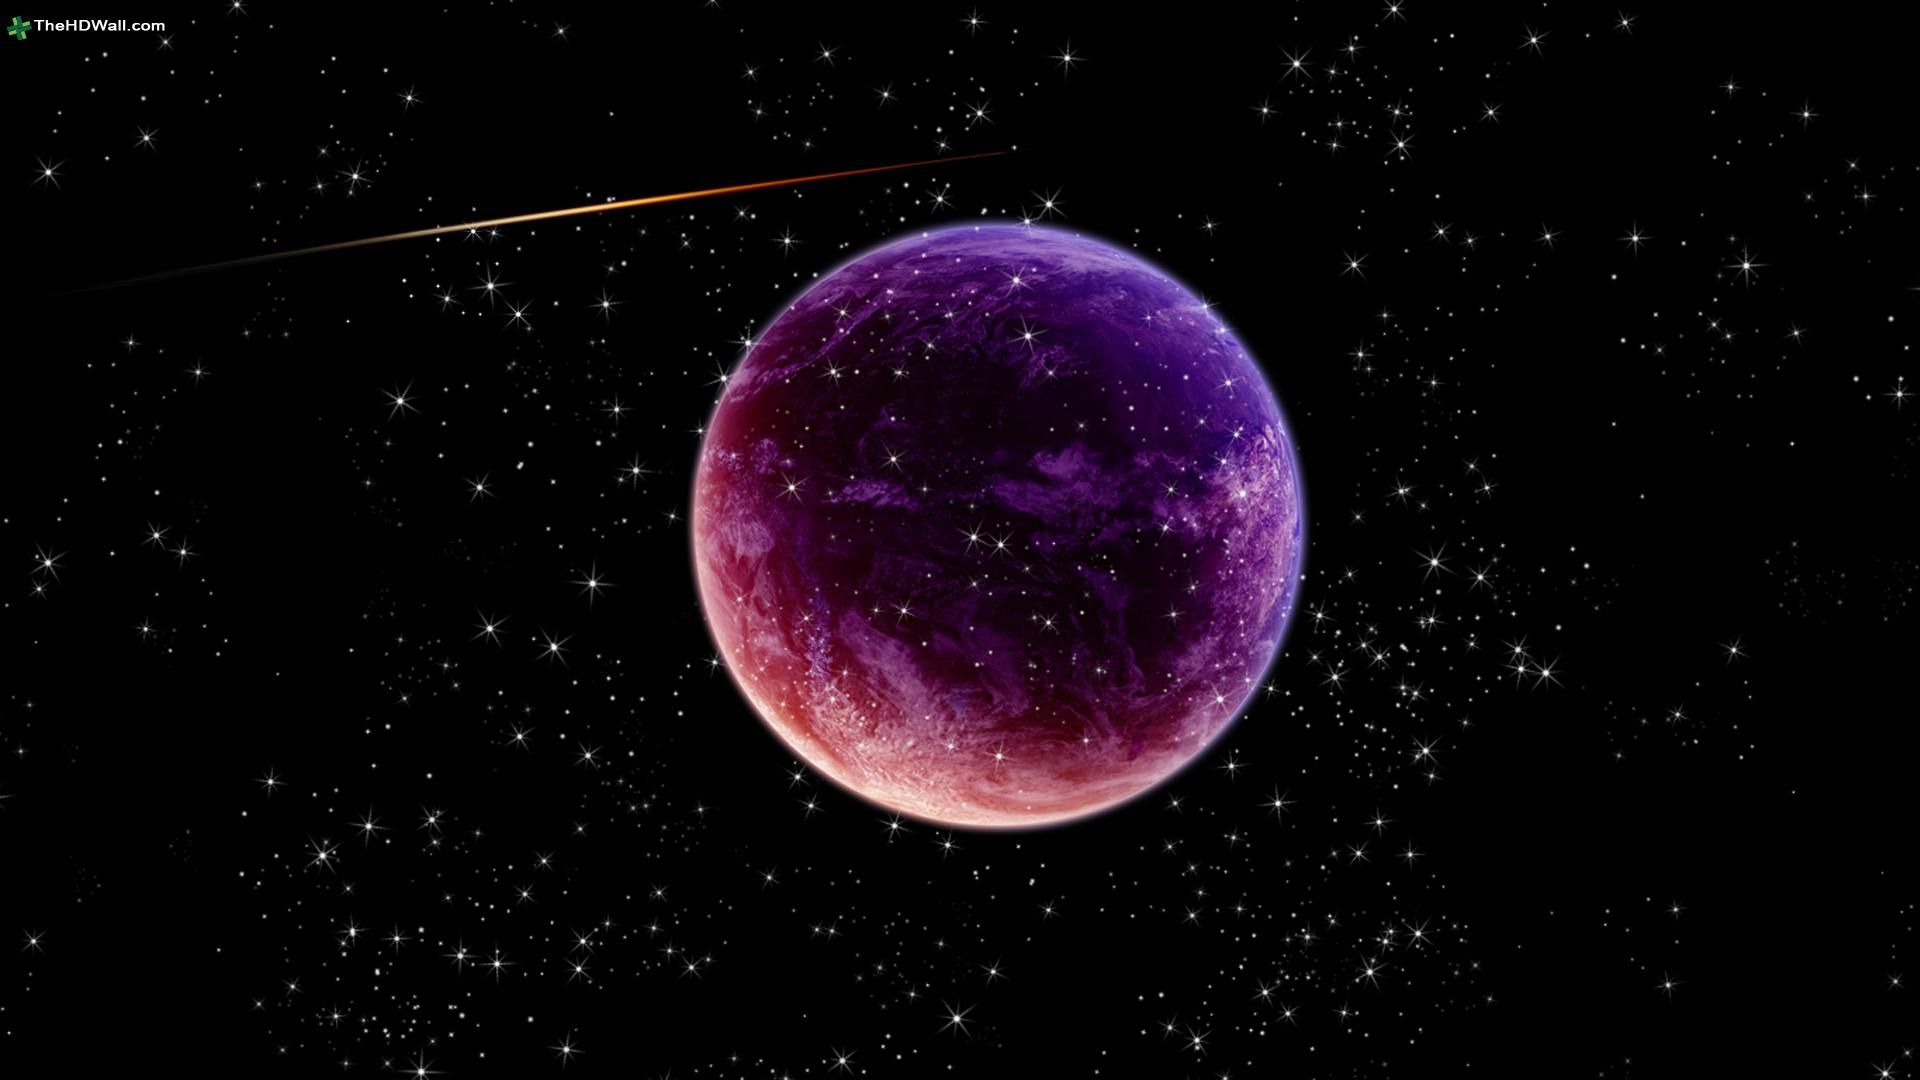 Desktop Picture Of Jupiter The Planet Jpg 1920 1080 Planets Wallpaper Desktop Wallpaper Desktop Pictures